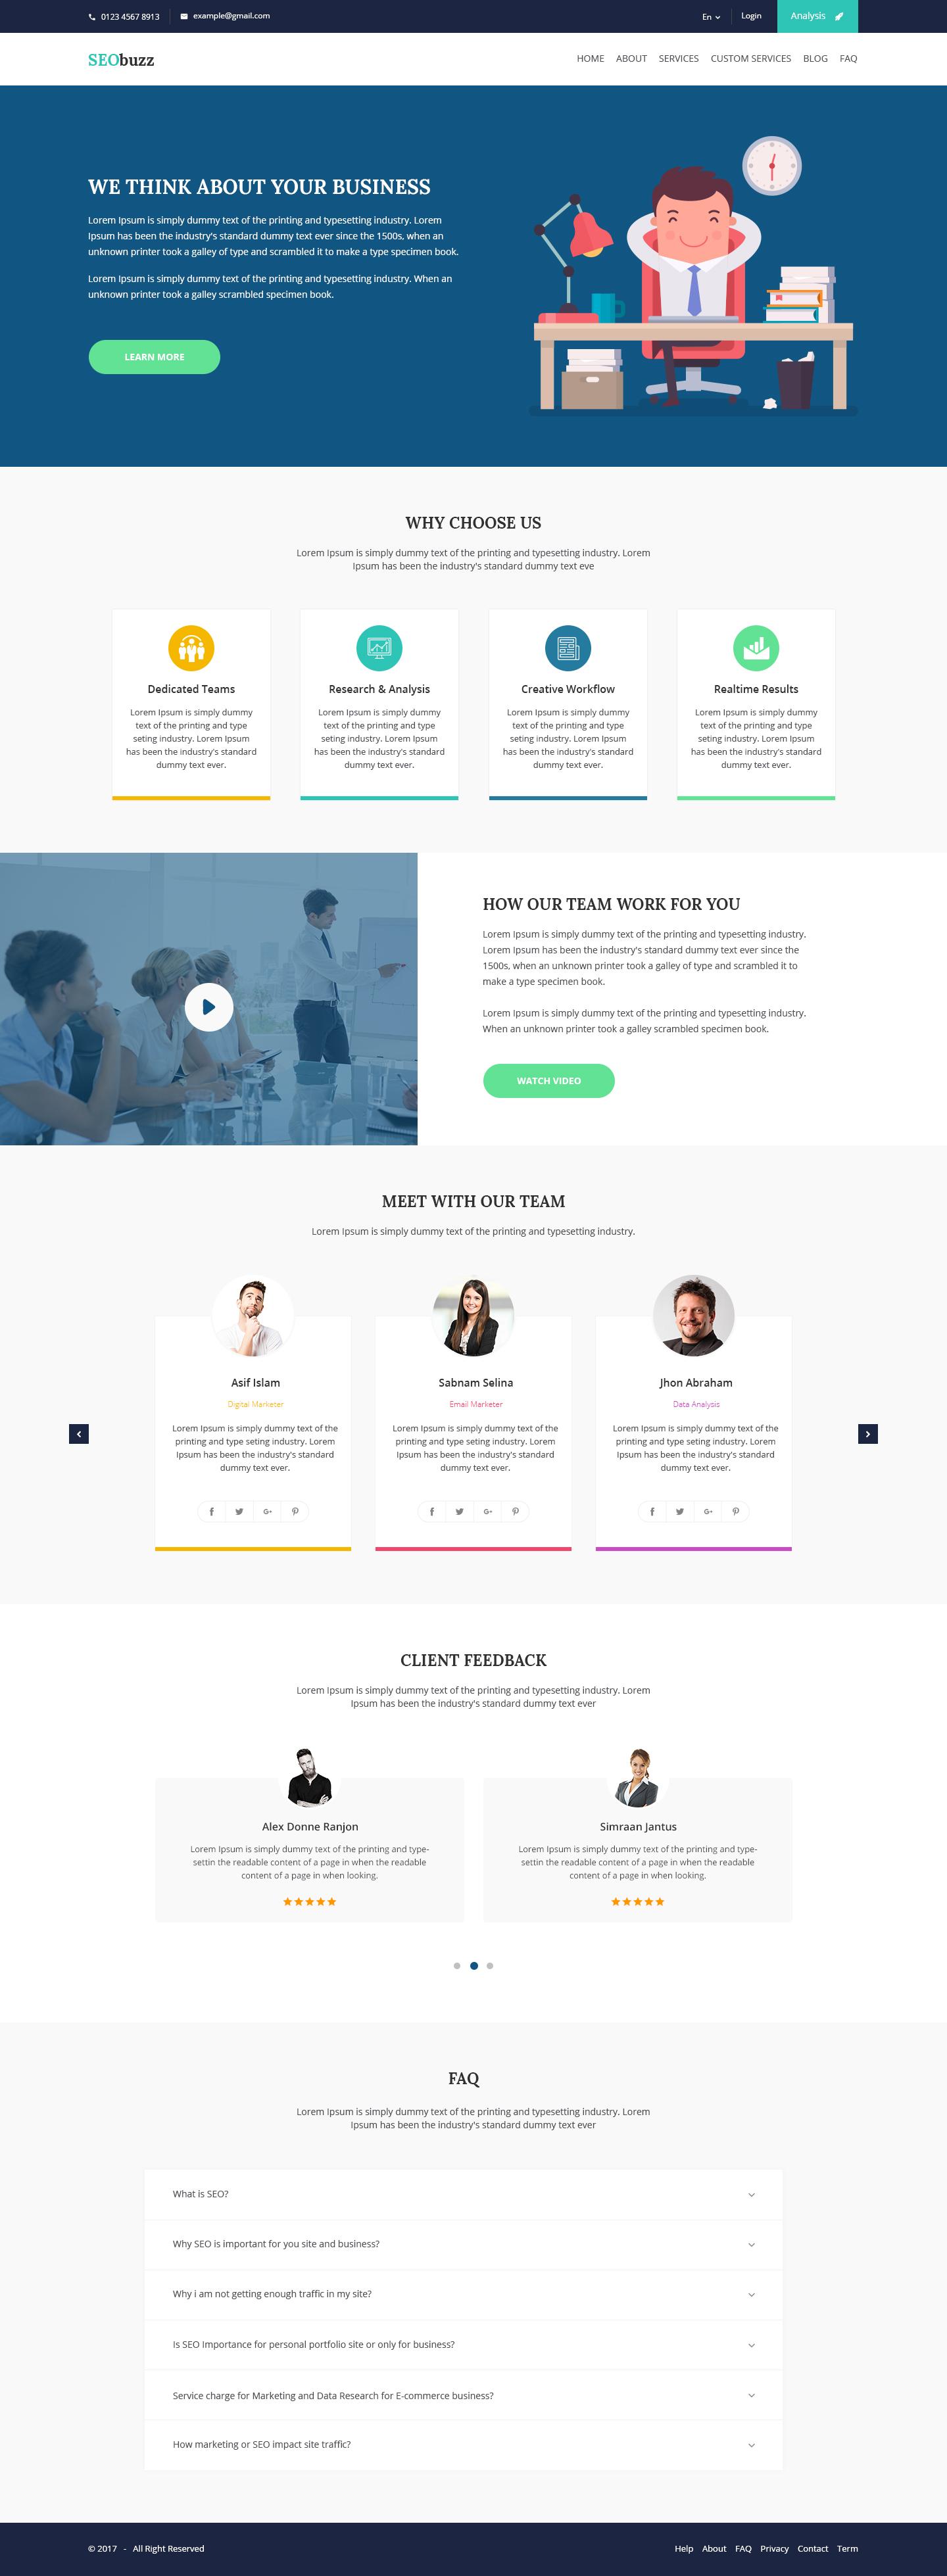 Seobuzz Seo Analysis And Marketing Service Provider Agency